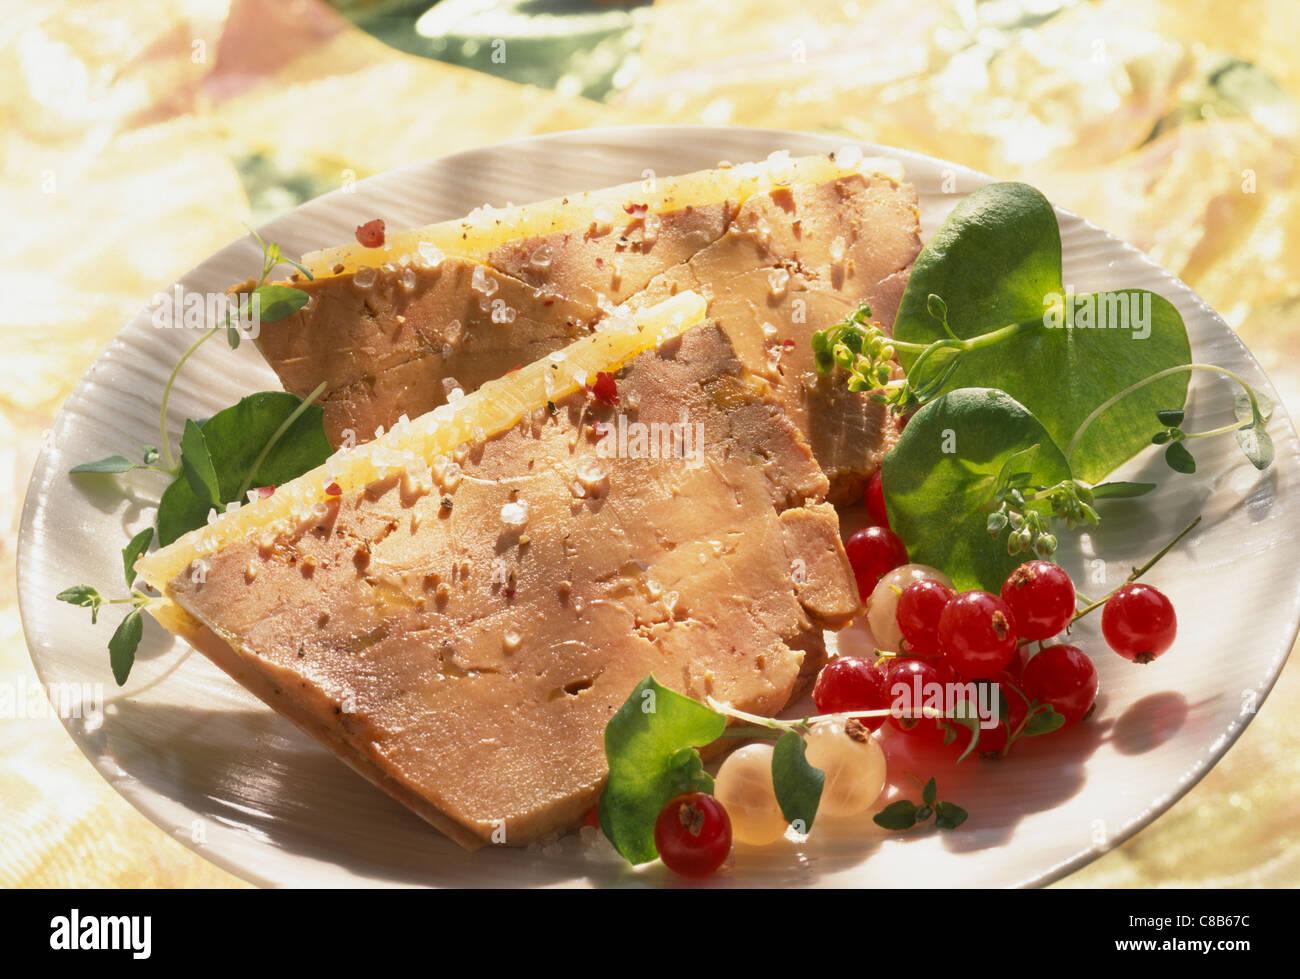 Terrine de foie gras des Landes Photo Stock